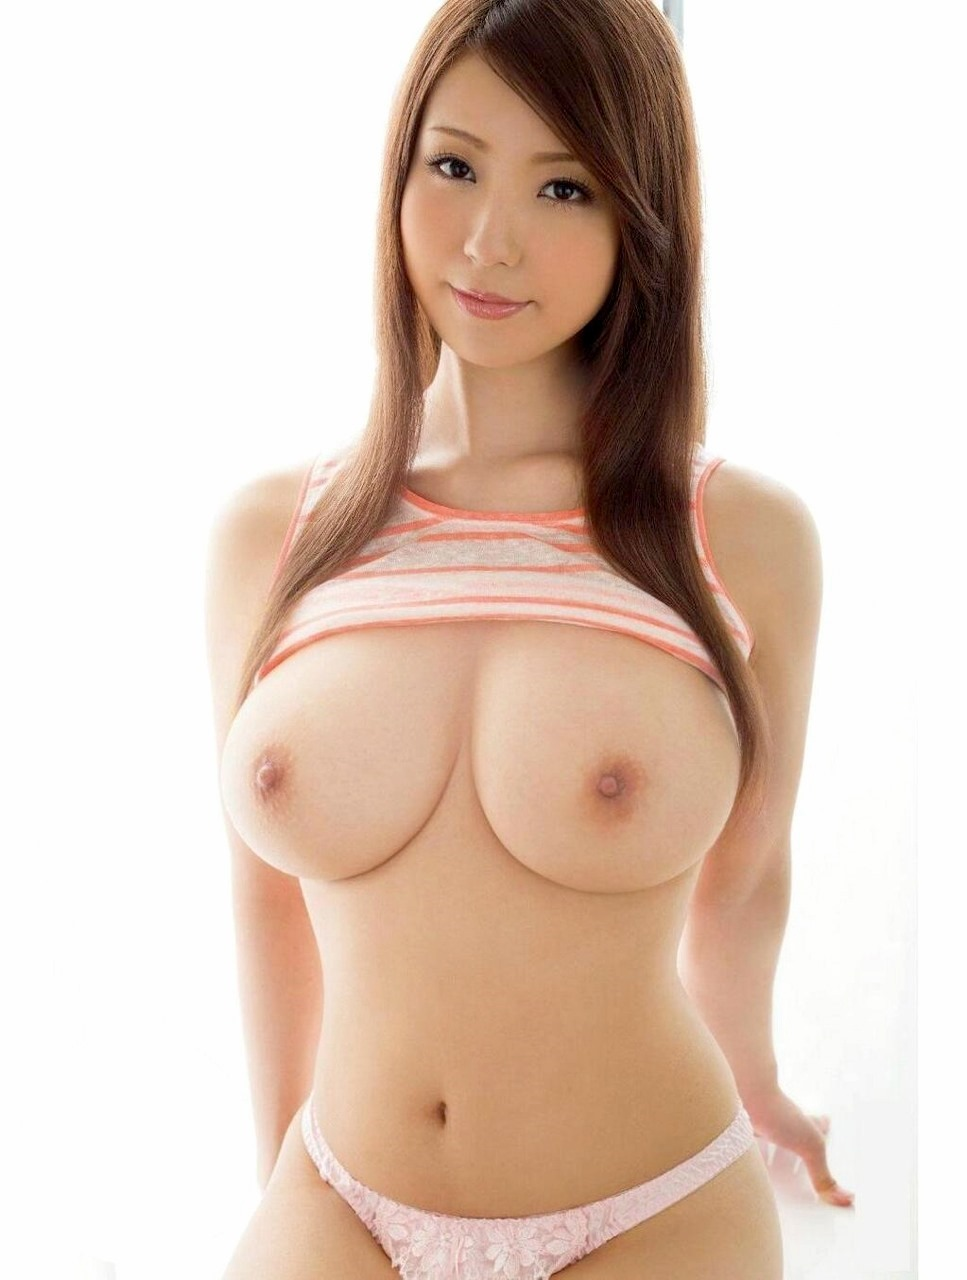 【美巨乳エロ画像】なんちゅーおっぱいだよ!日本人離れした大きくて美しいおっぱい画像集めたらチンポがビンビンですよwww その6